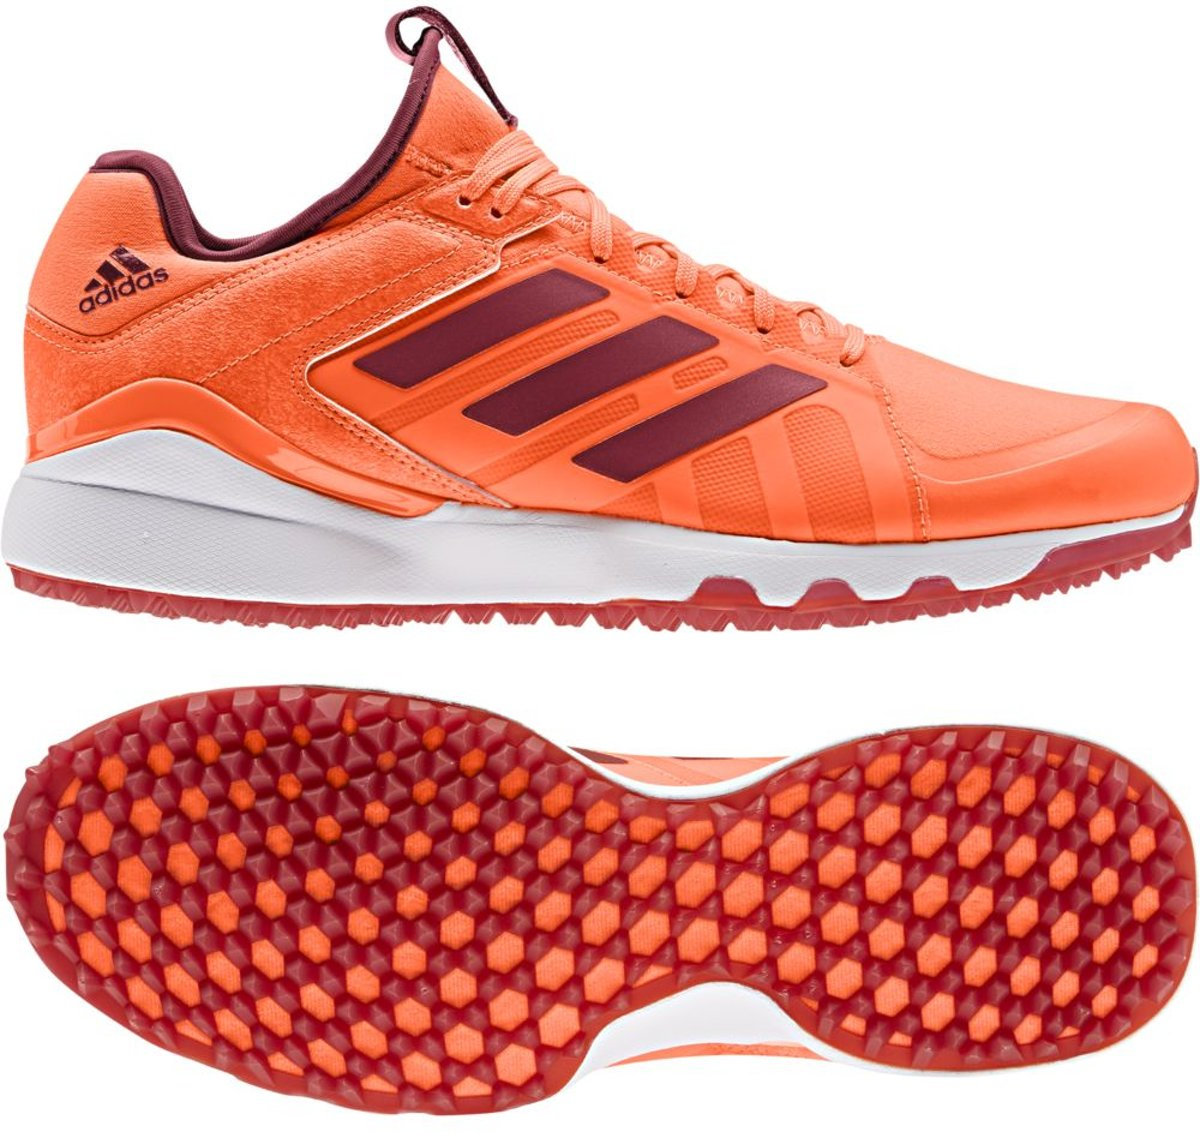 Adidas Lux 1.9S Hockeyschoenen Outdoor schoenen oranje 38